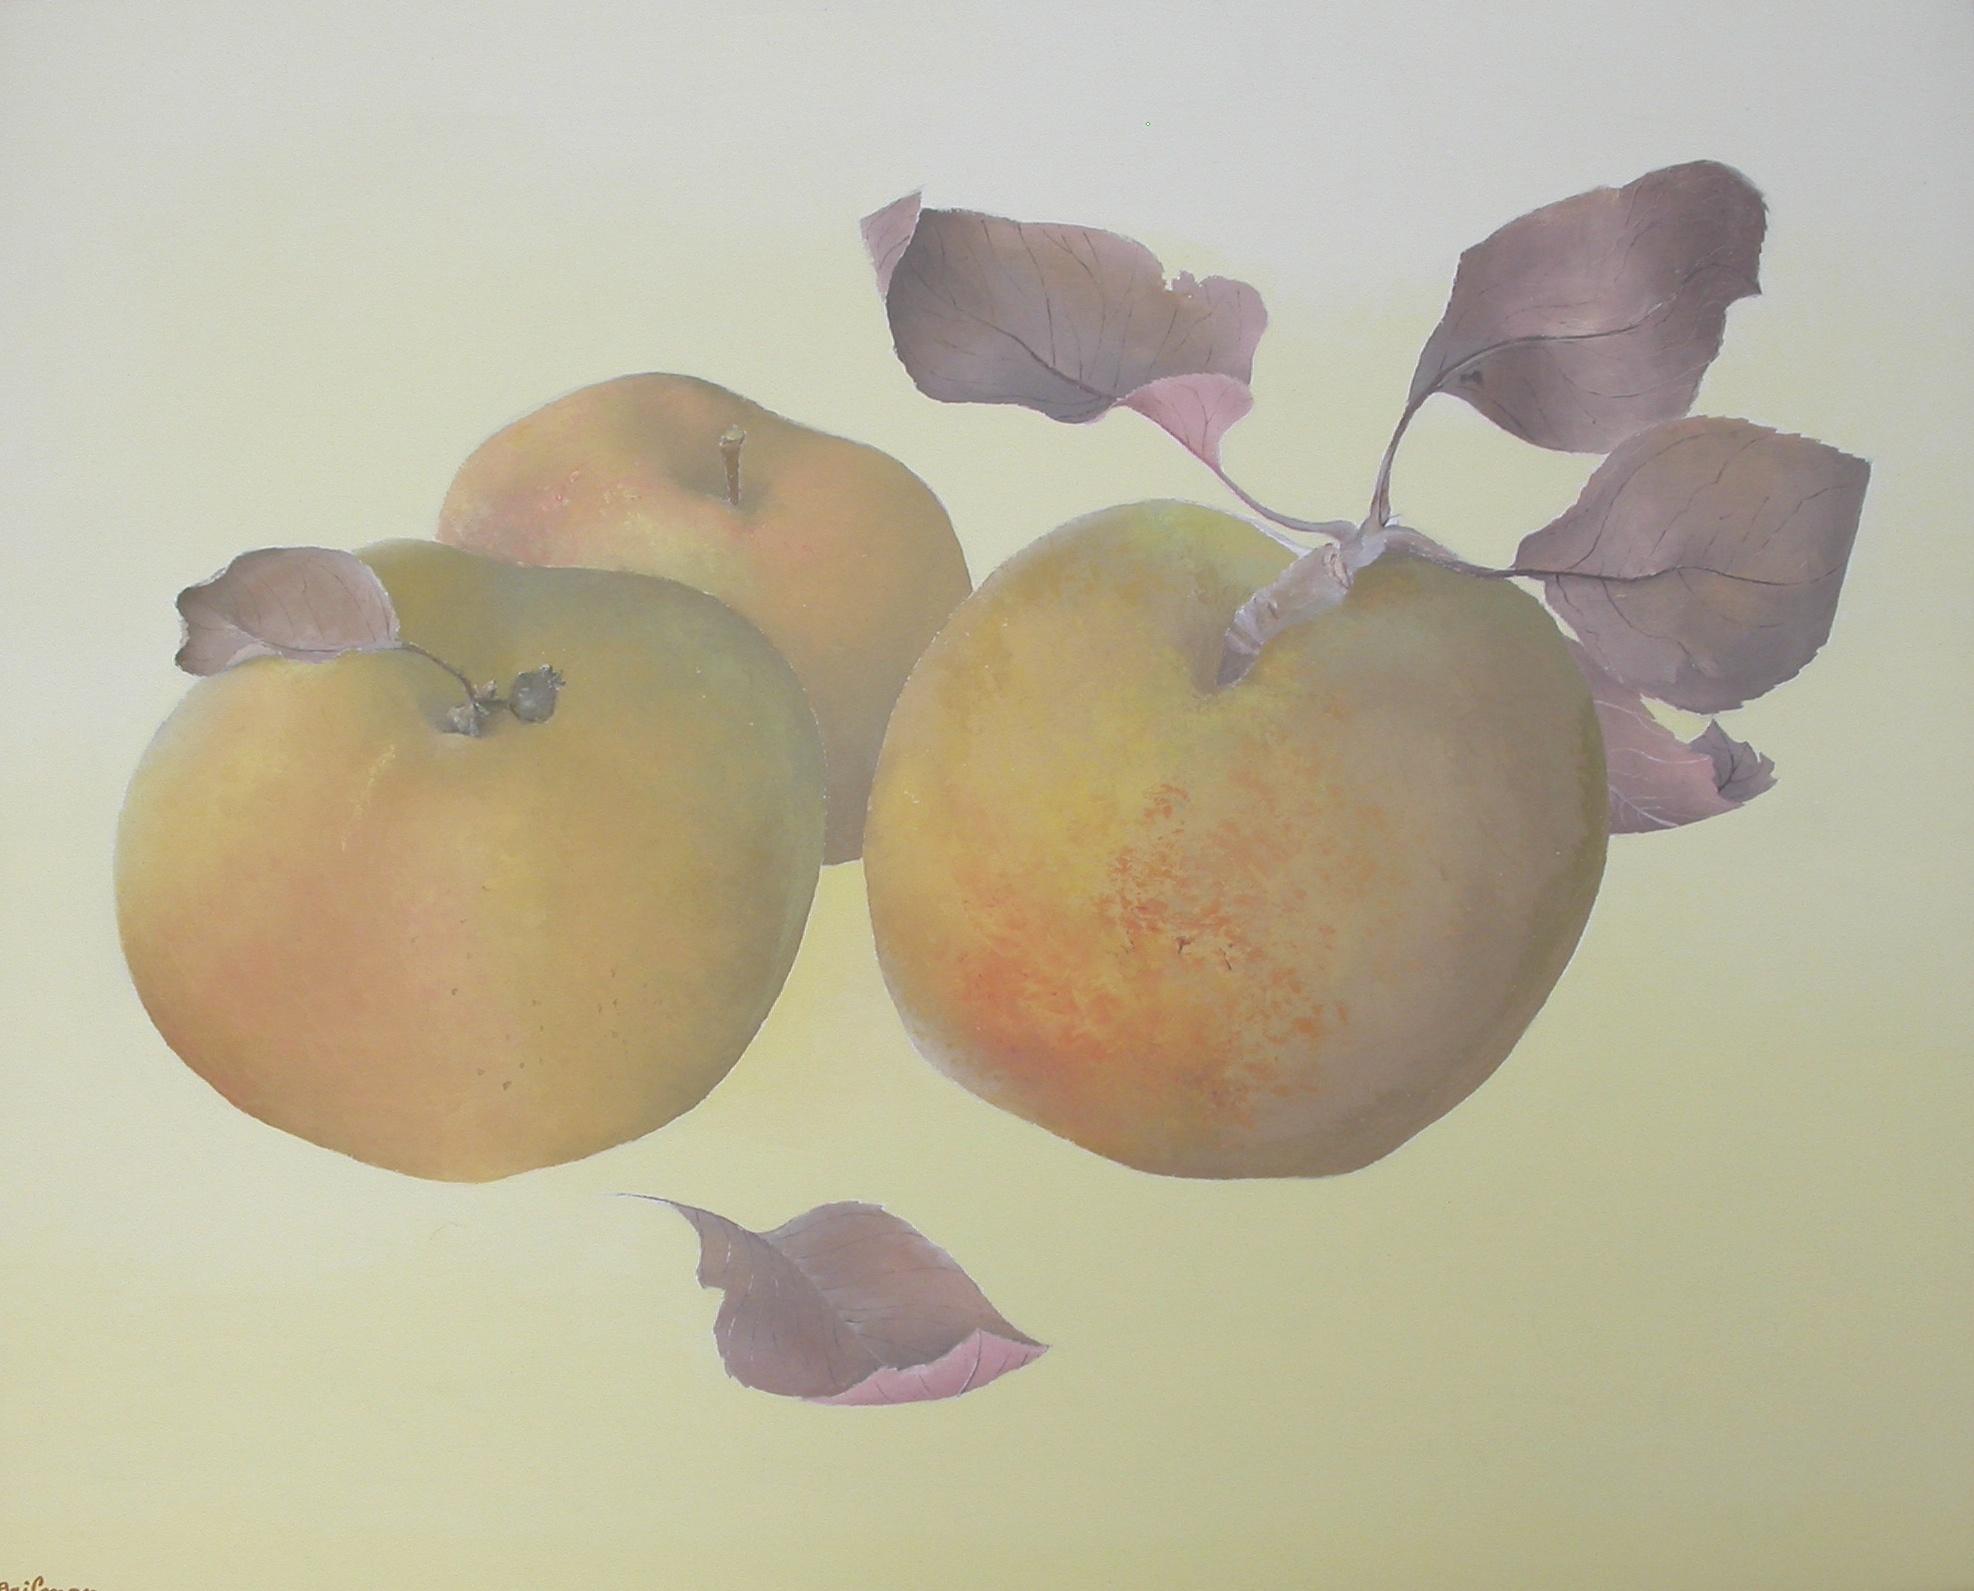 Les pommes dorées